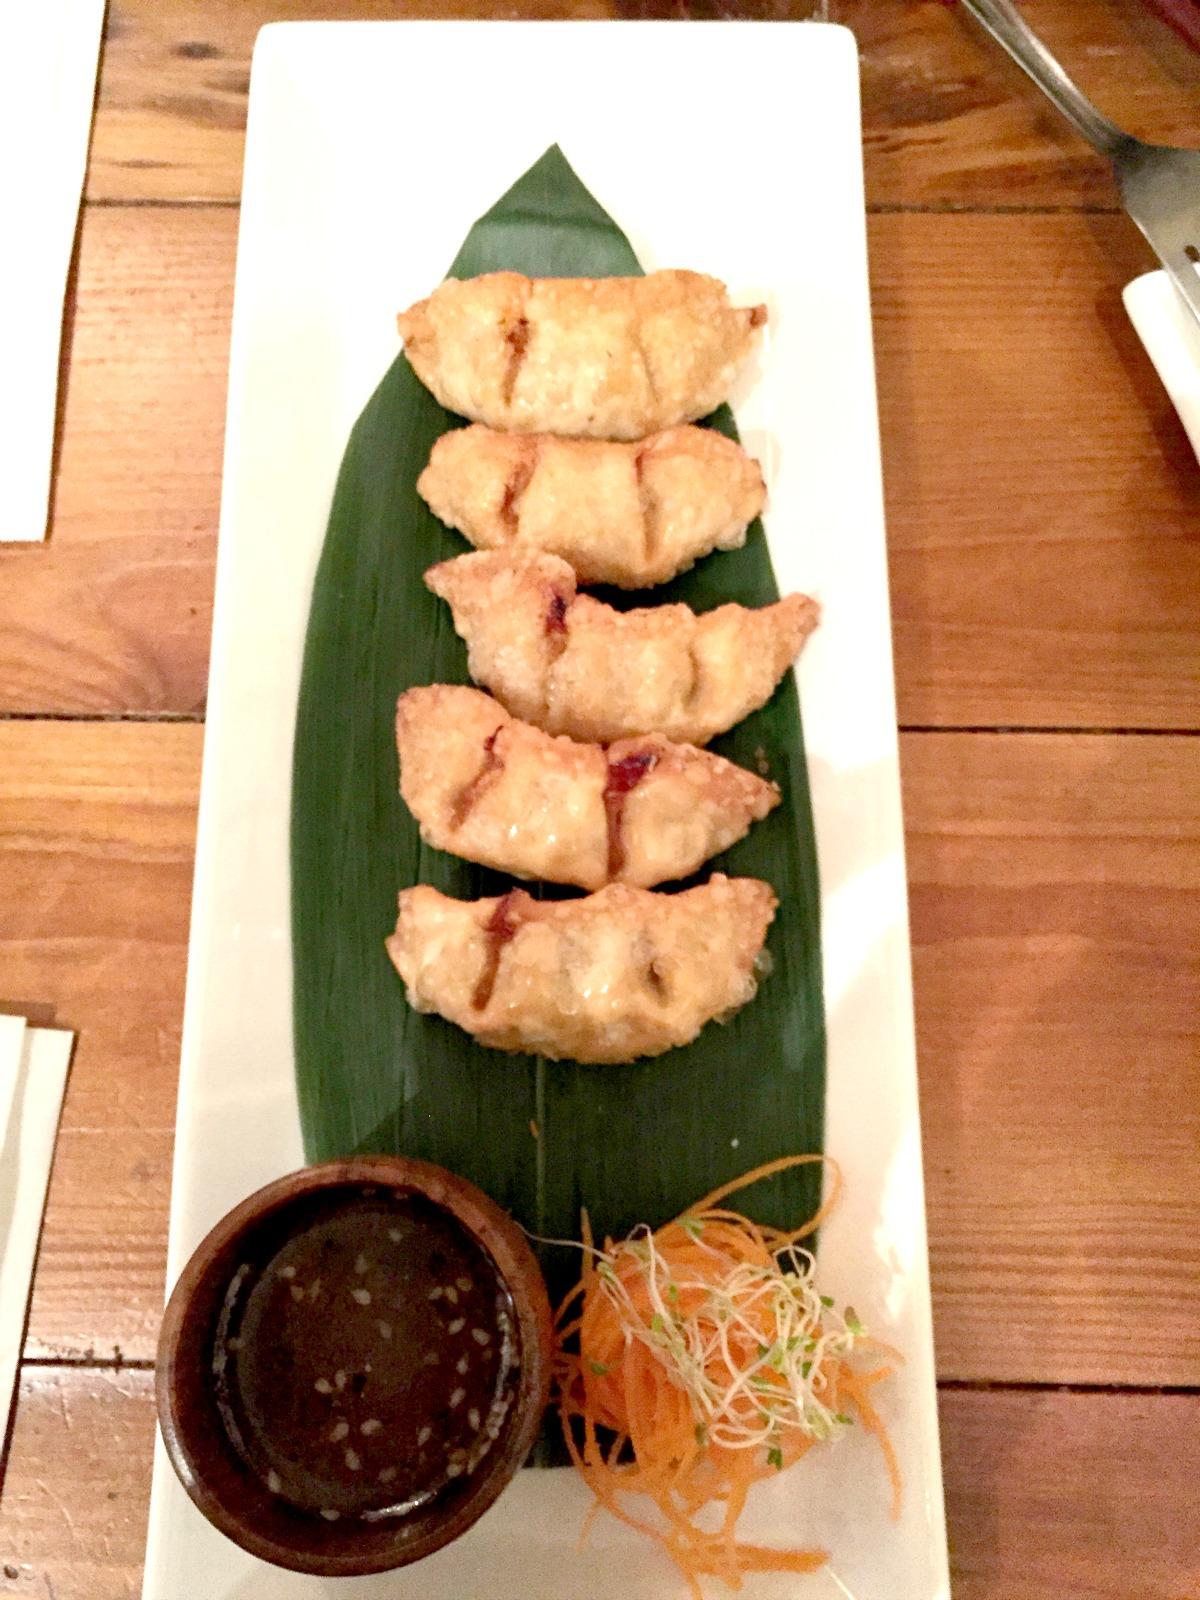 Sushi Momo-taster's menu-dumplings